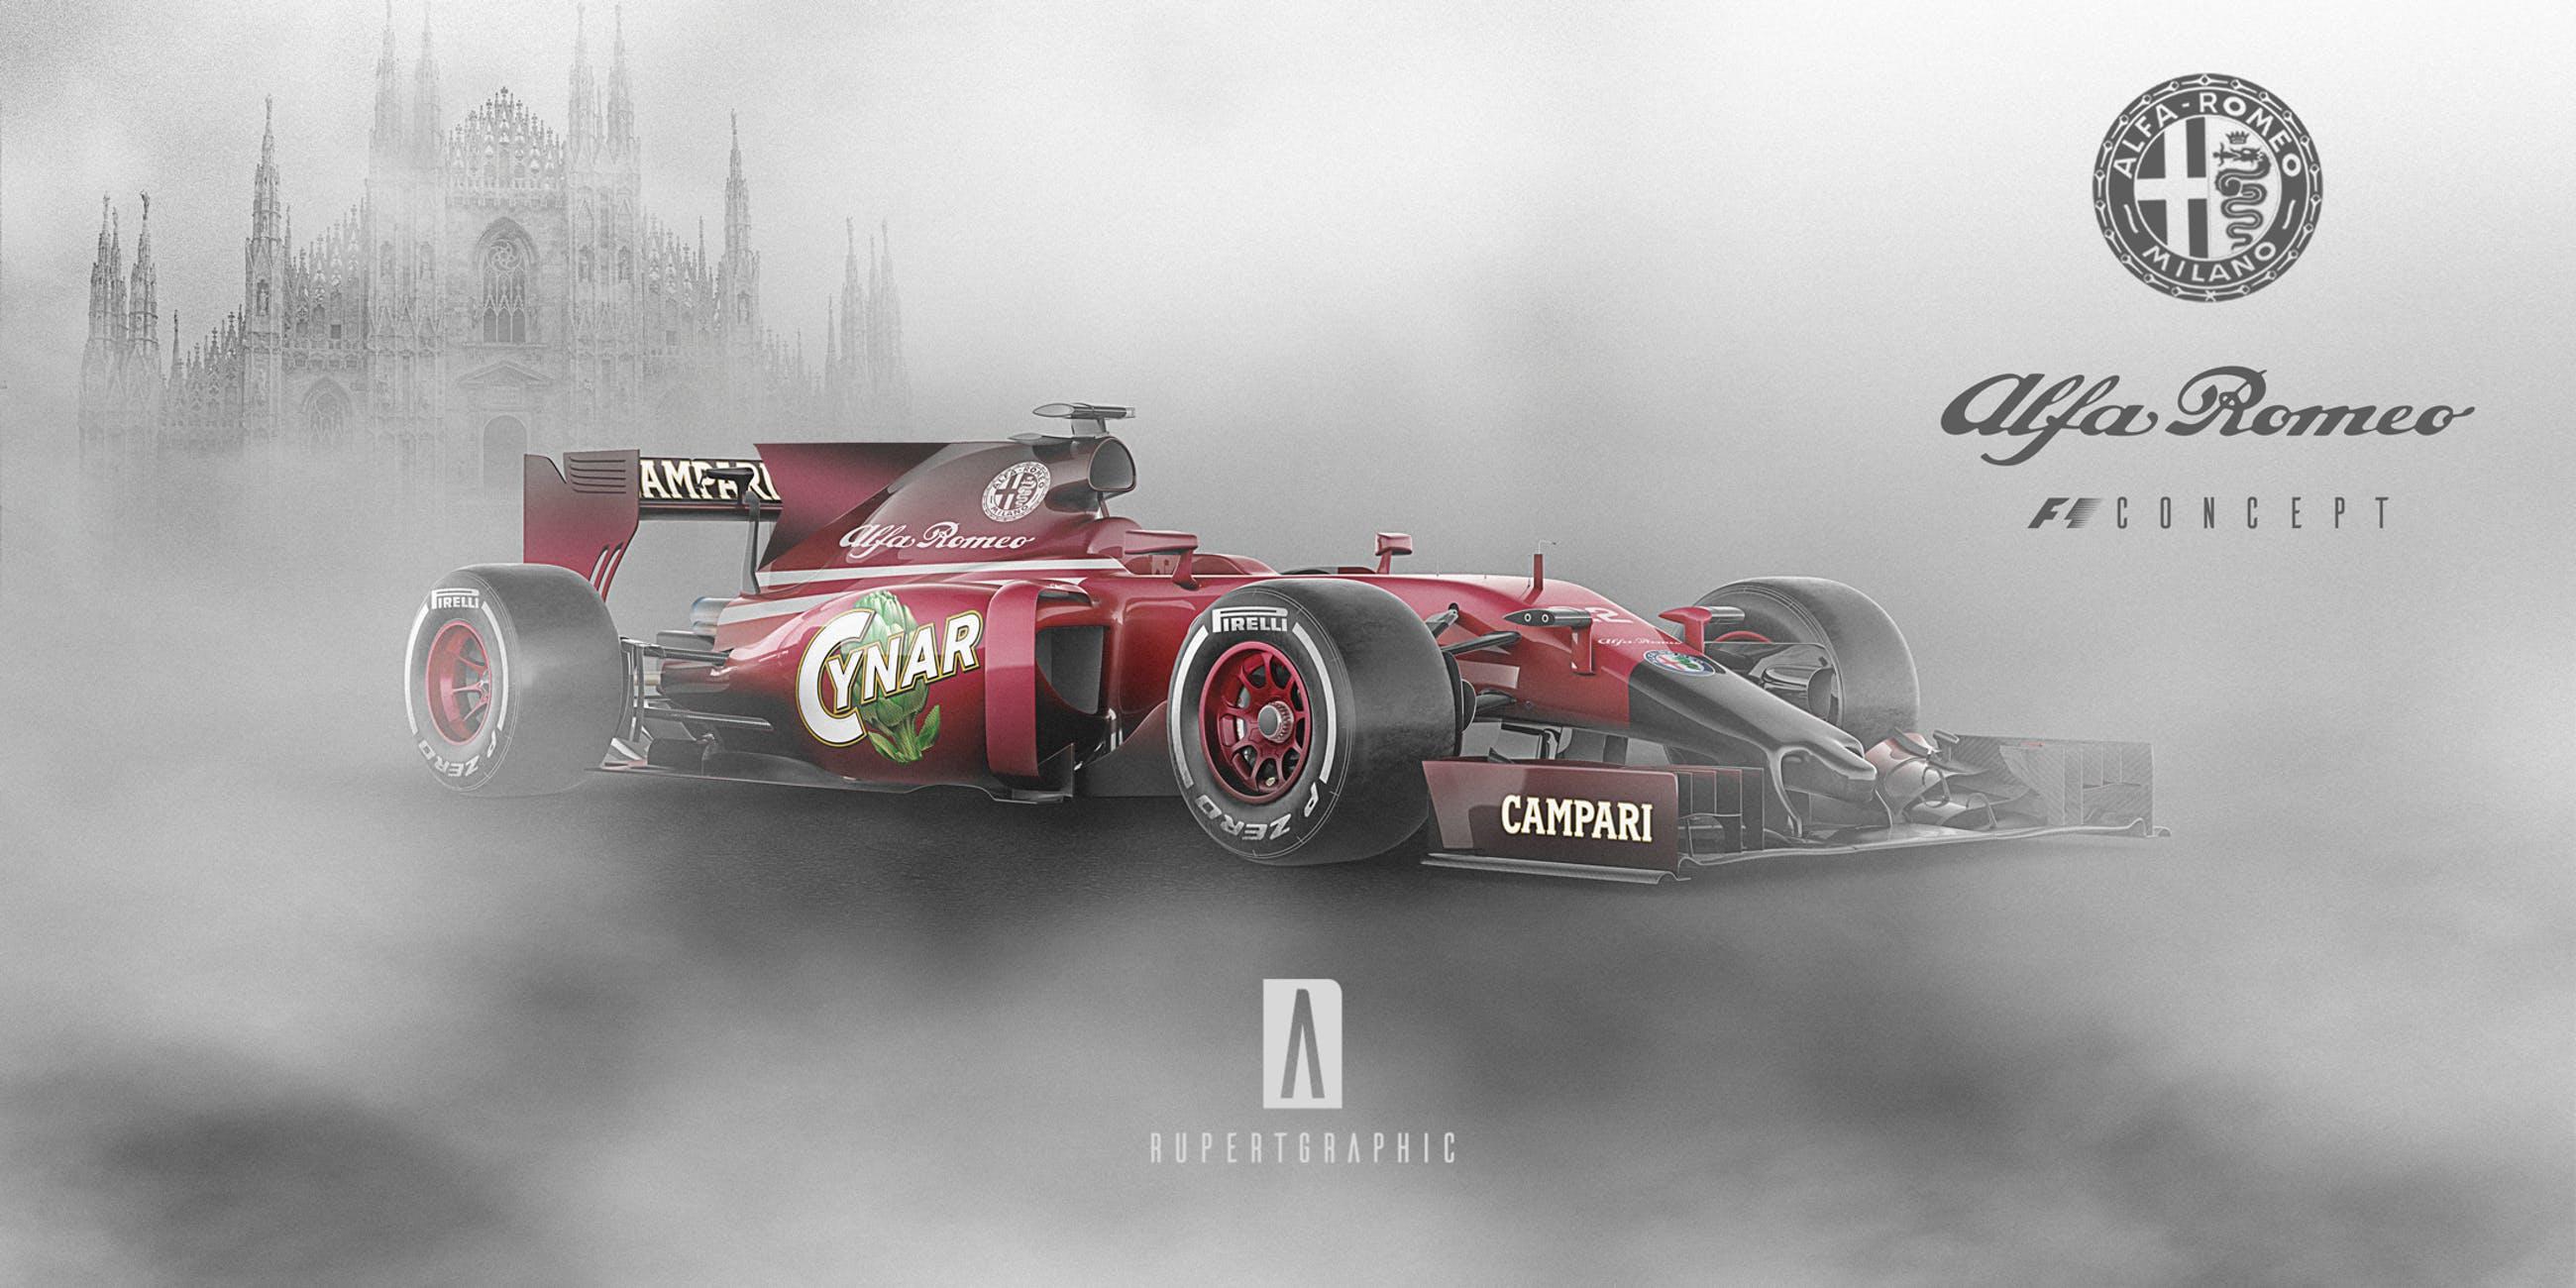 Alfa Romeo F1 renderings (1)